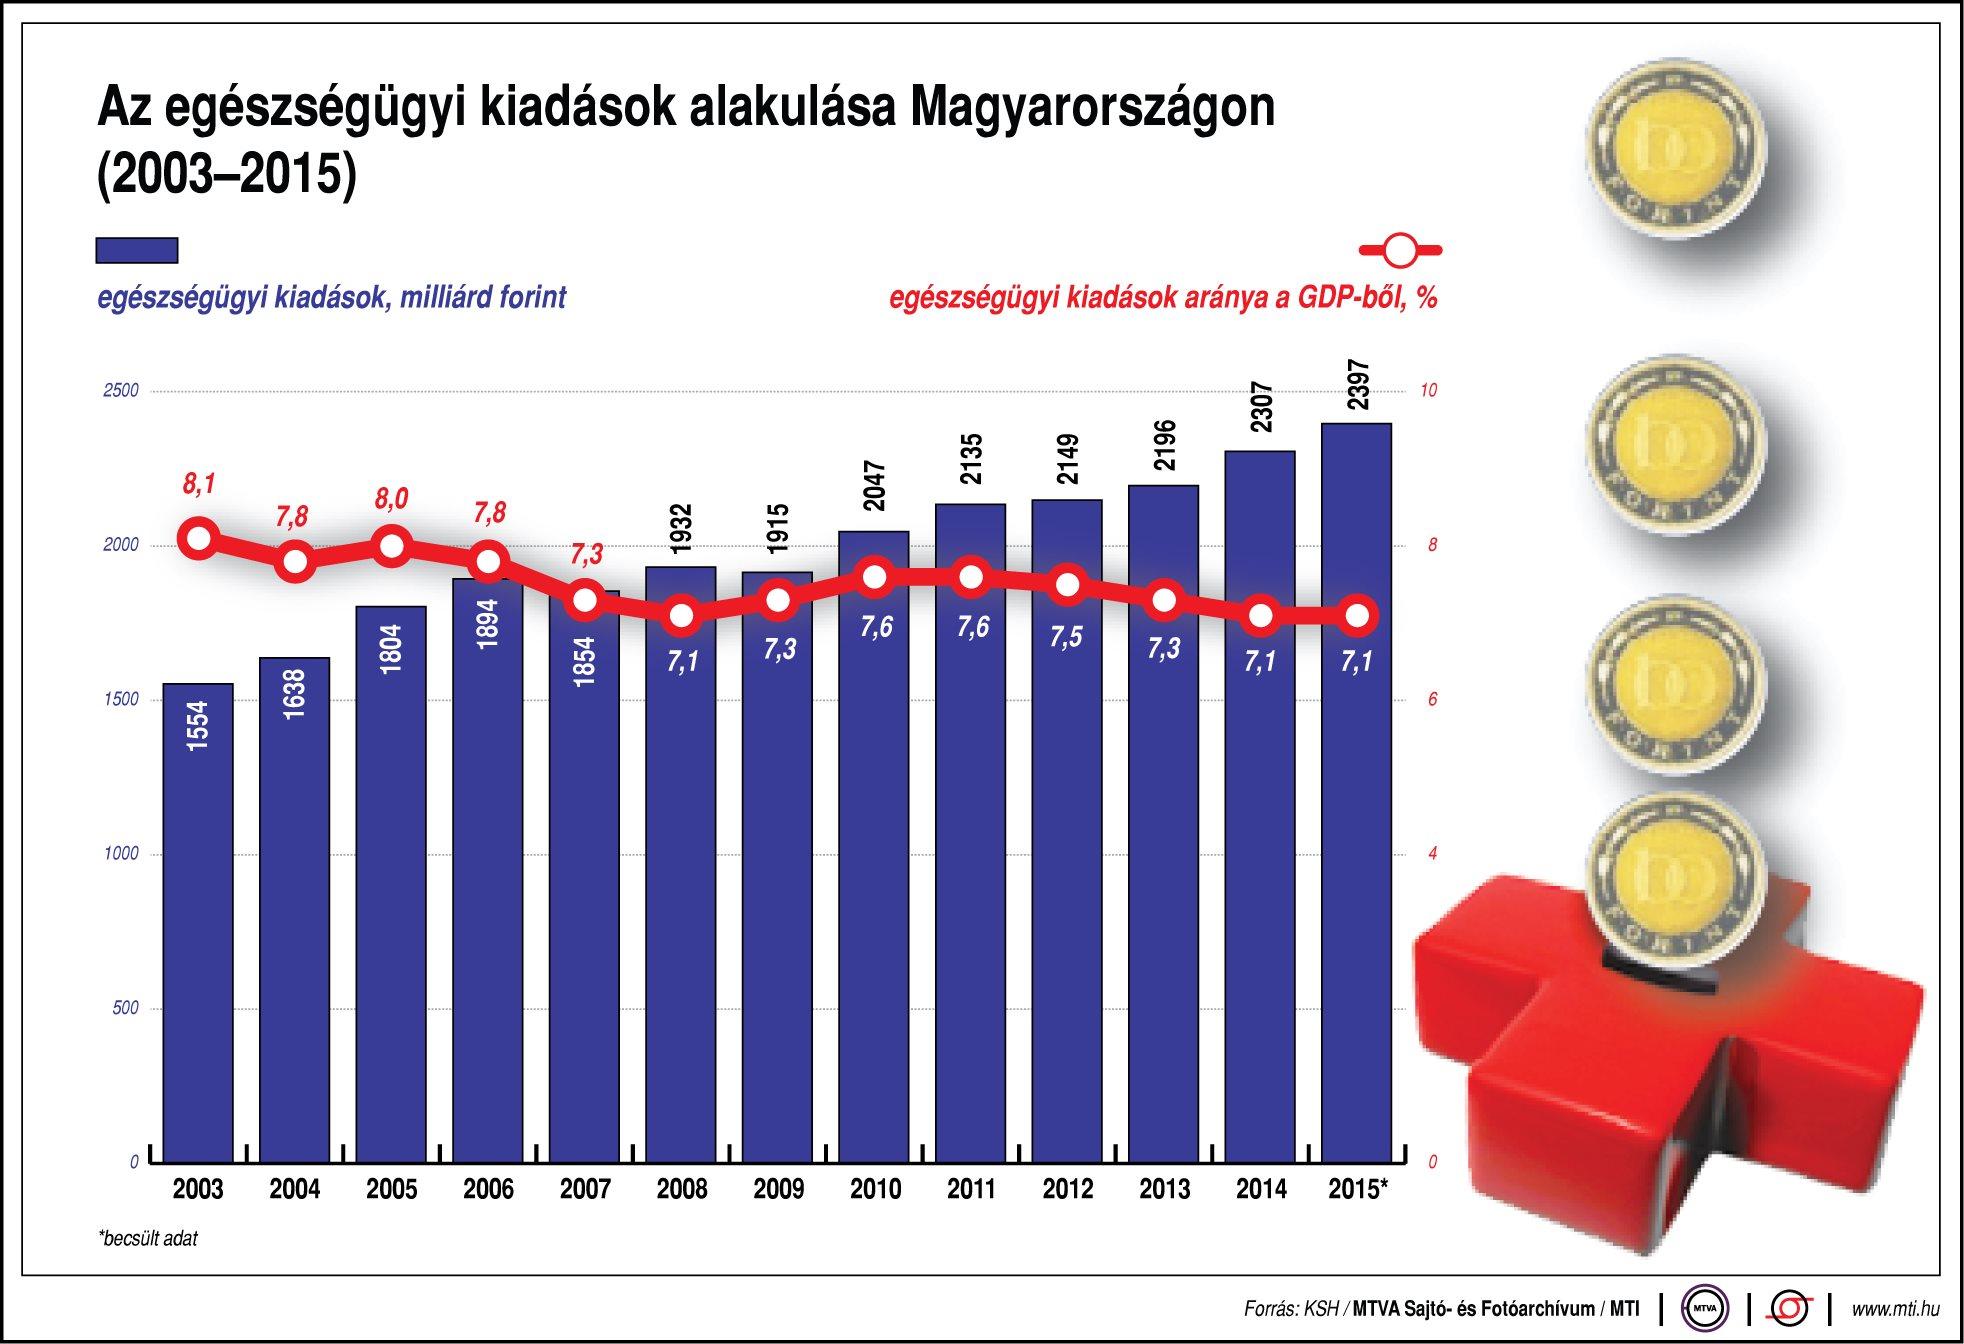 Így alakulnak az egészségügyi kiadások Magyarországon